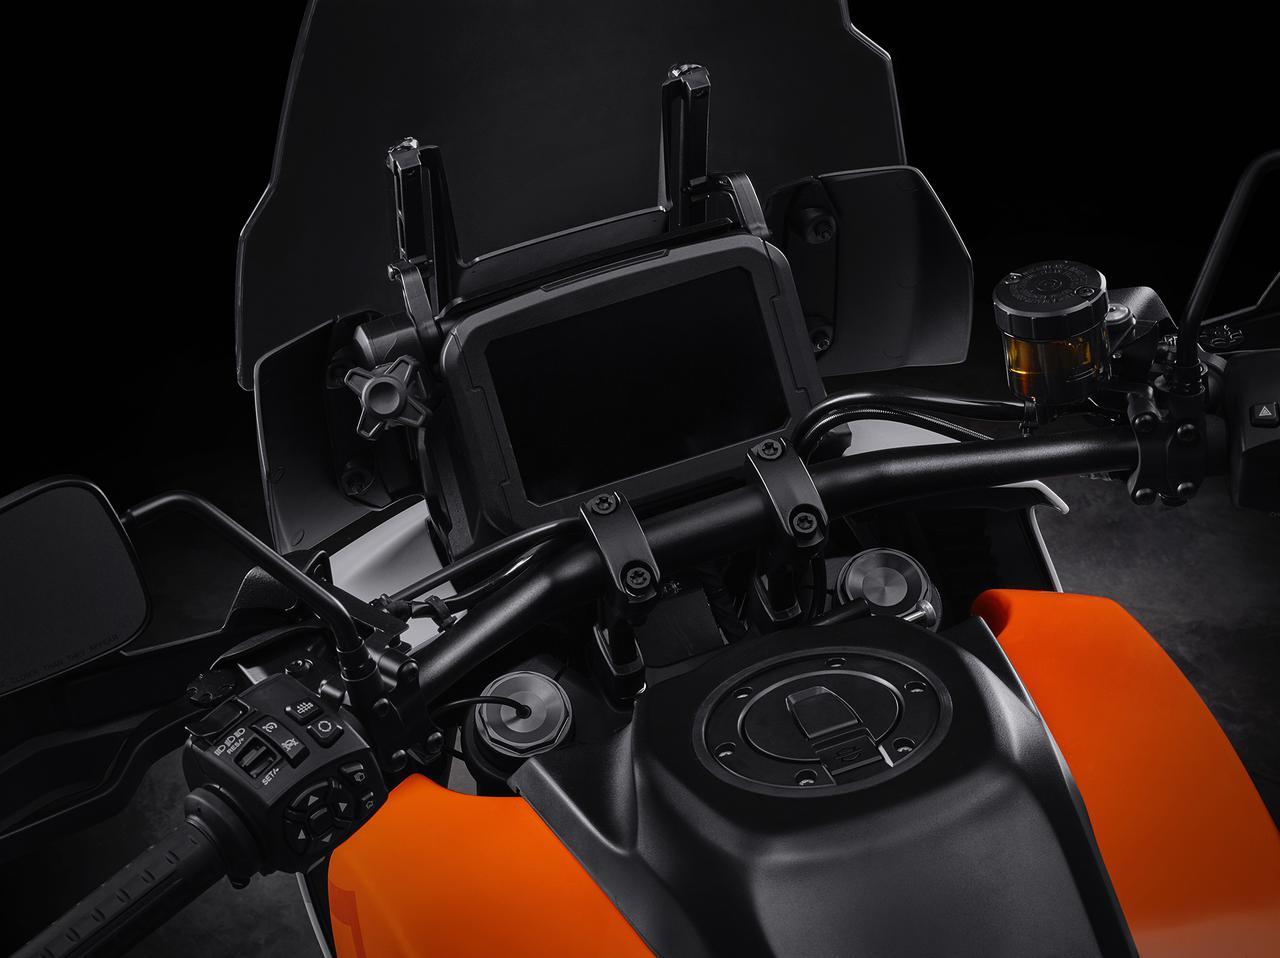 Images : 5番目の画像 - 「ハーレー初のアドベンチャー「Pan America」が登場!1250ccの新型水冷Vツインエンジン「Revolution Max」とは?【EICMA 2019速報!】」のアルバム - webオートバイ